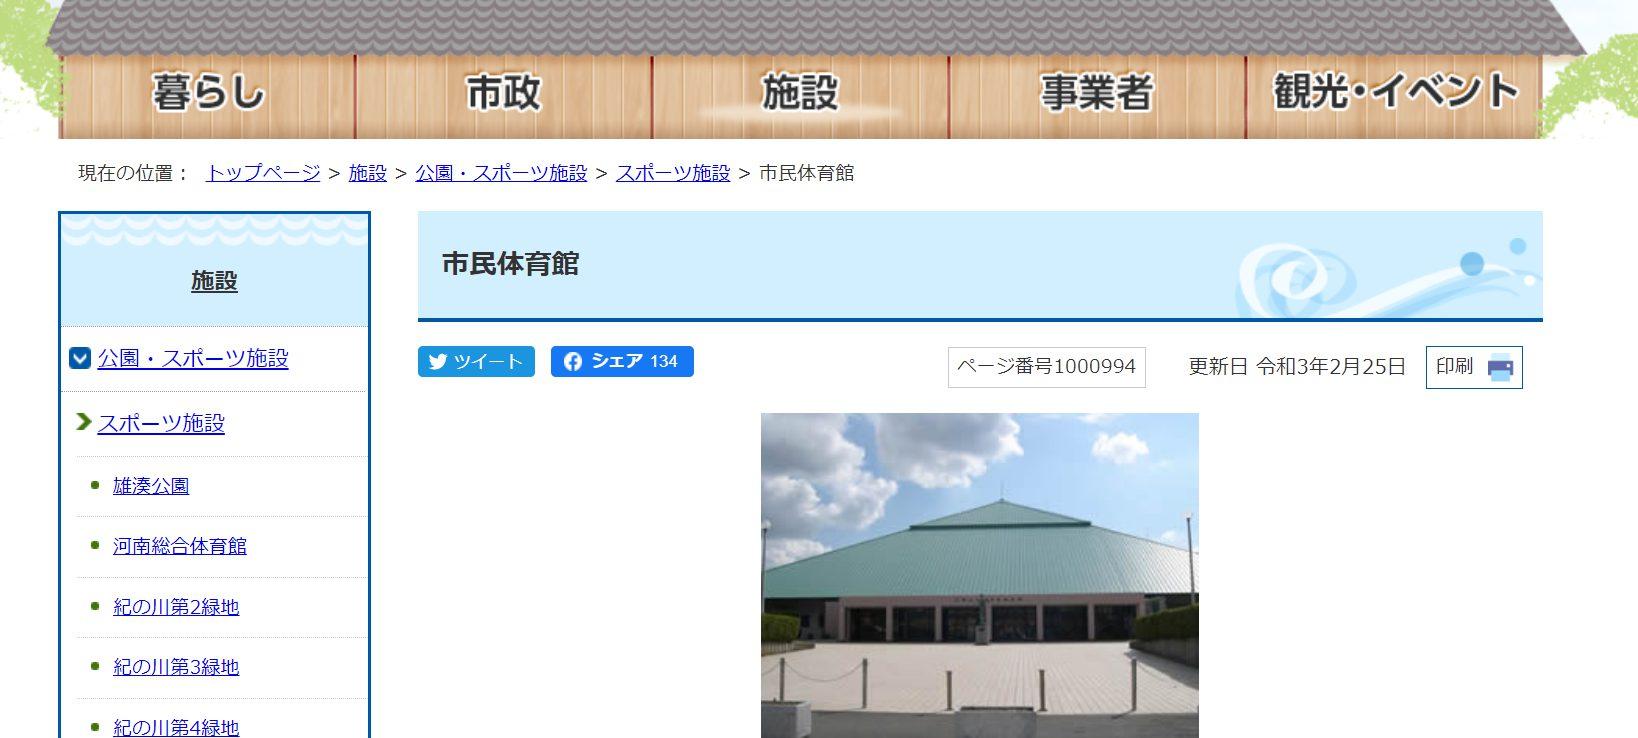 和歌山市民体育館